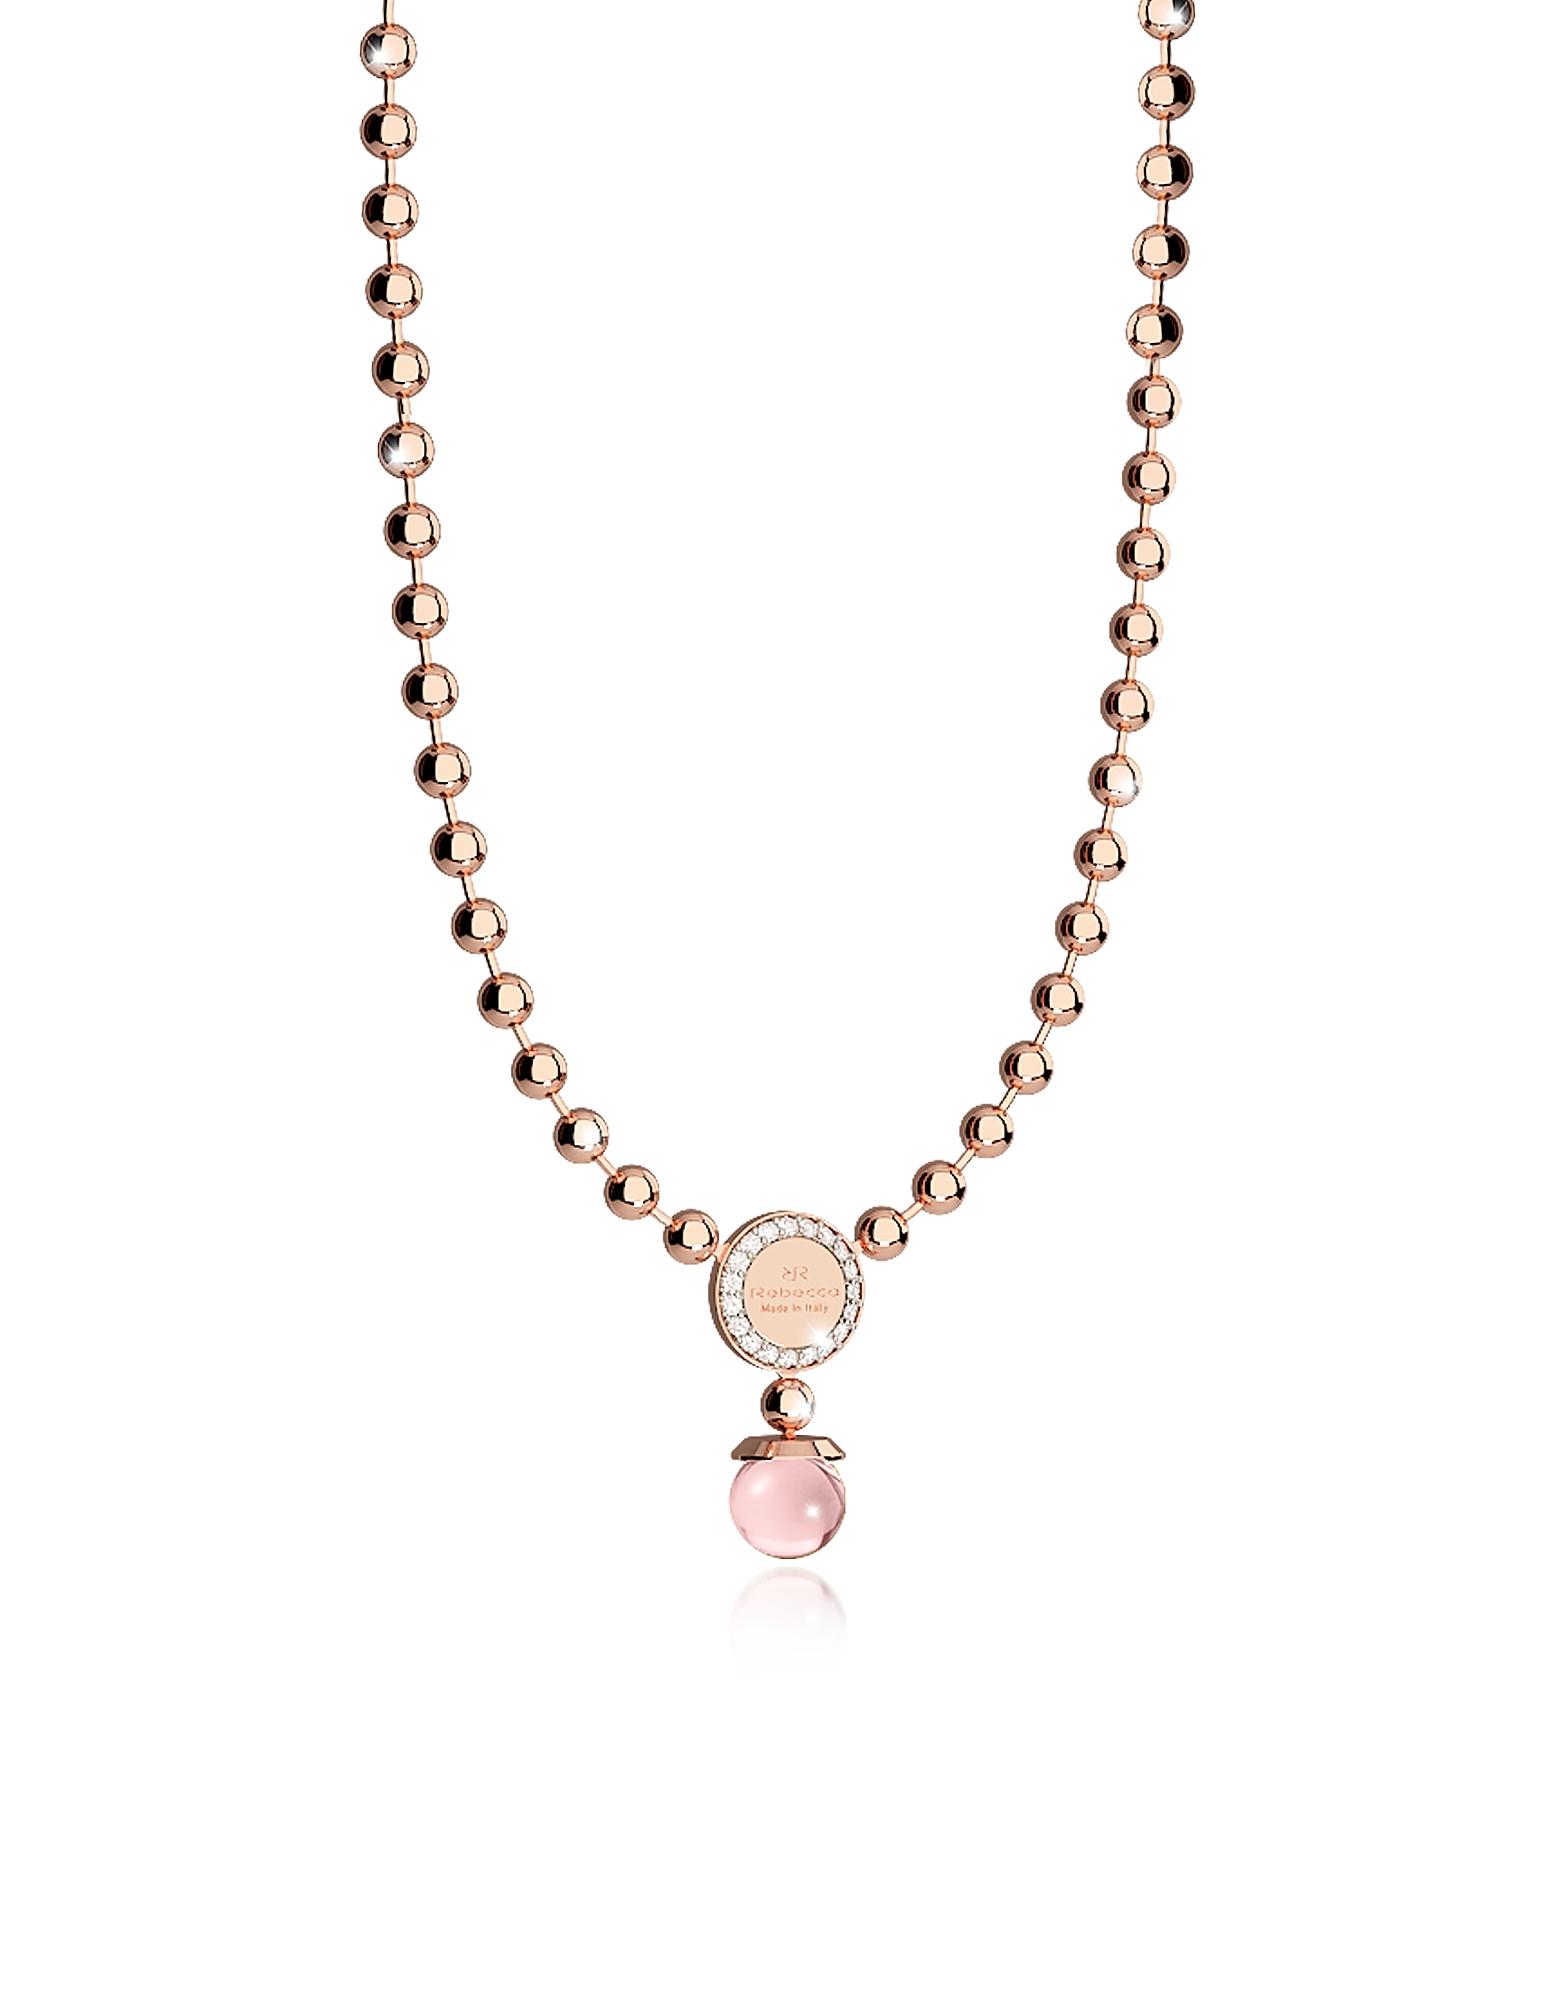 Boulevard Stone - Ожерелье из Бронзы с Напылением Розового Золота с Розовыми Гидротермальными Камнями